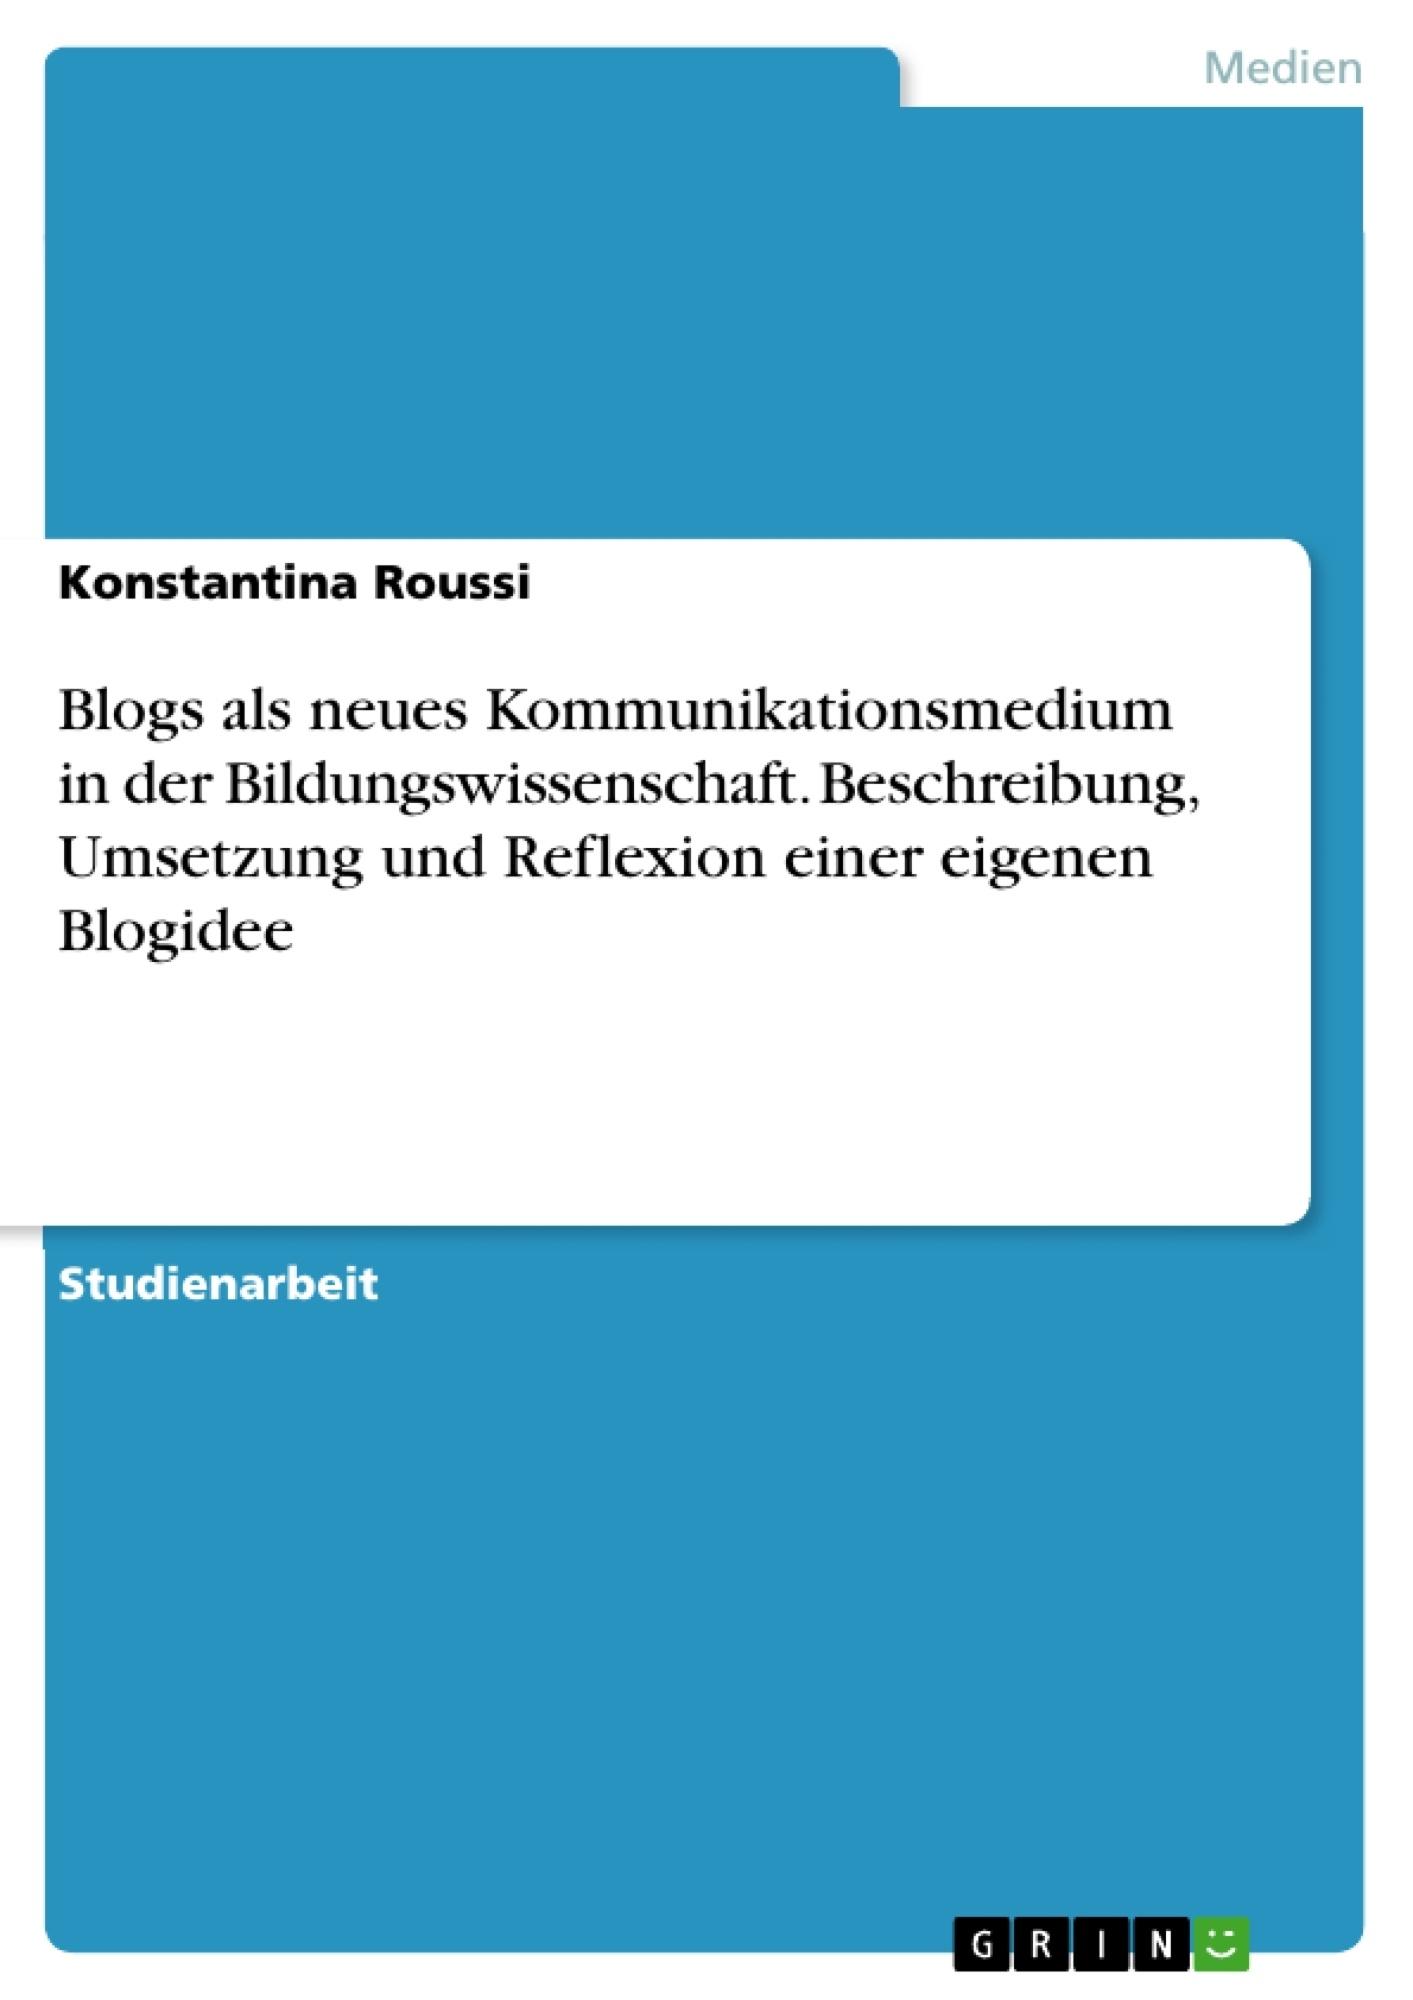 Titel: Blogs als neues Kommunikationsmedium in der  Bildungswissenschaft. Beschreibung, Umsetzung und  Reflexion einer eigenen Blogidee